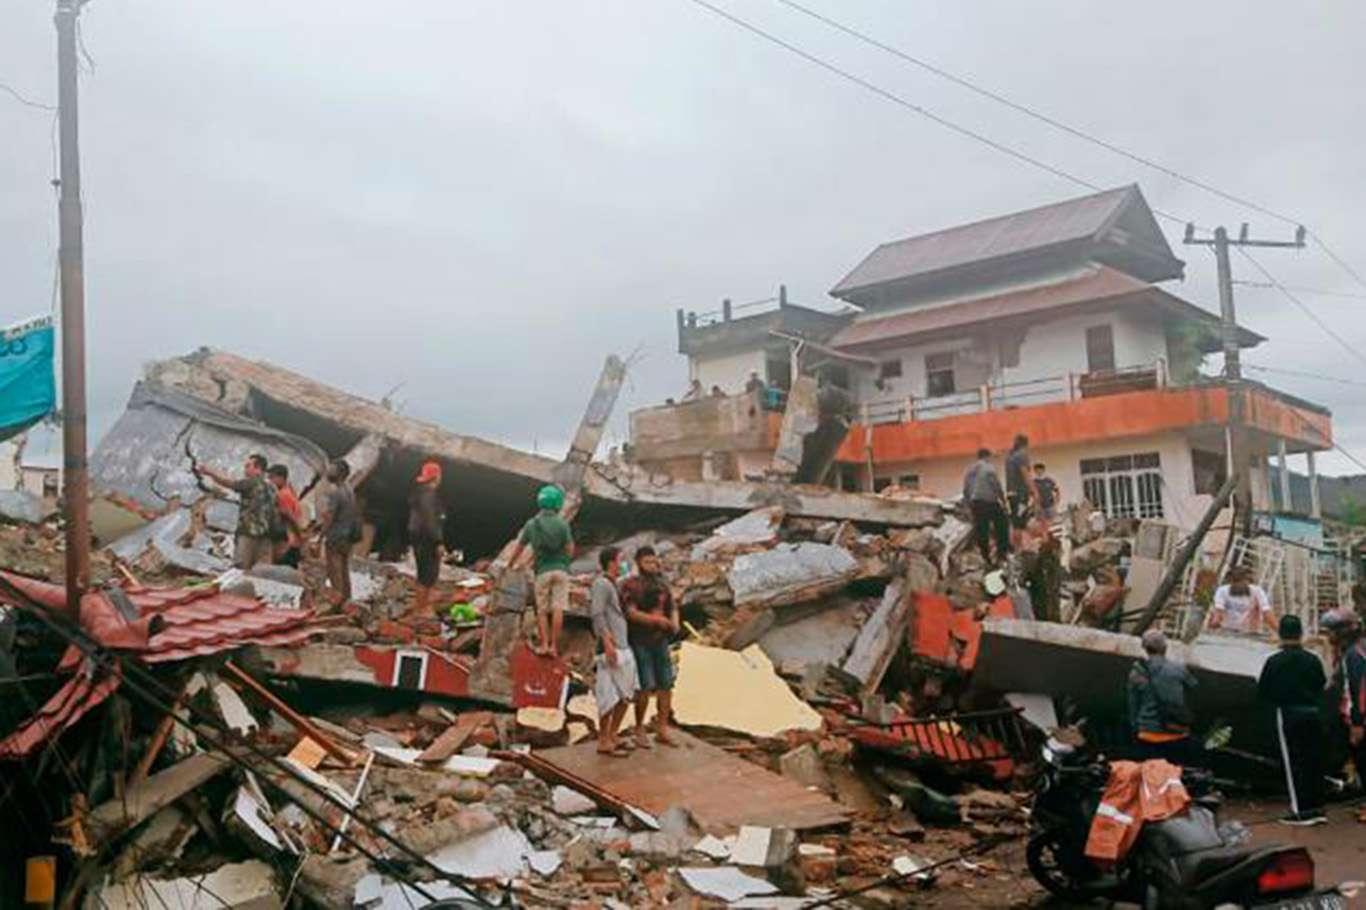 Çok Şiddetli Deprem! Ölü ve Yaralı Sayısı Devamlı Artıyor! Binlerce Kişi Tahliye Edildi